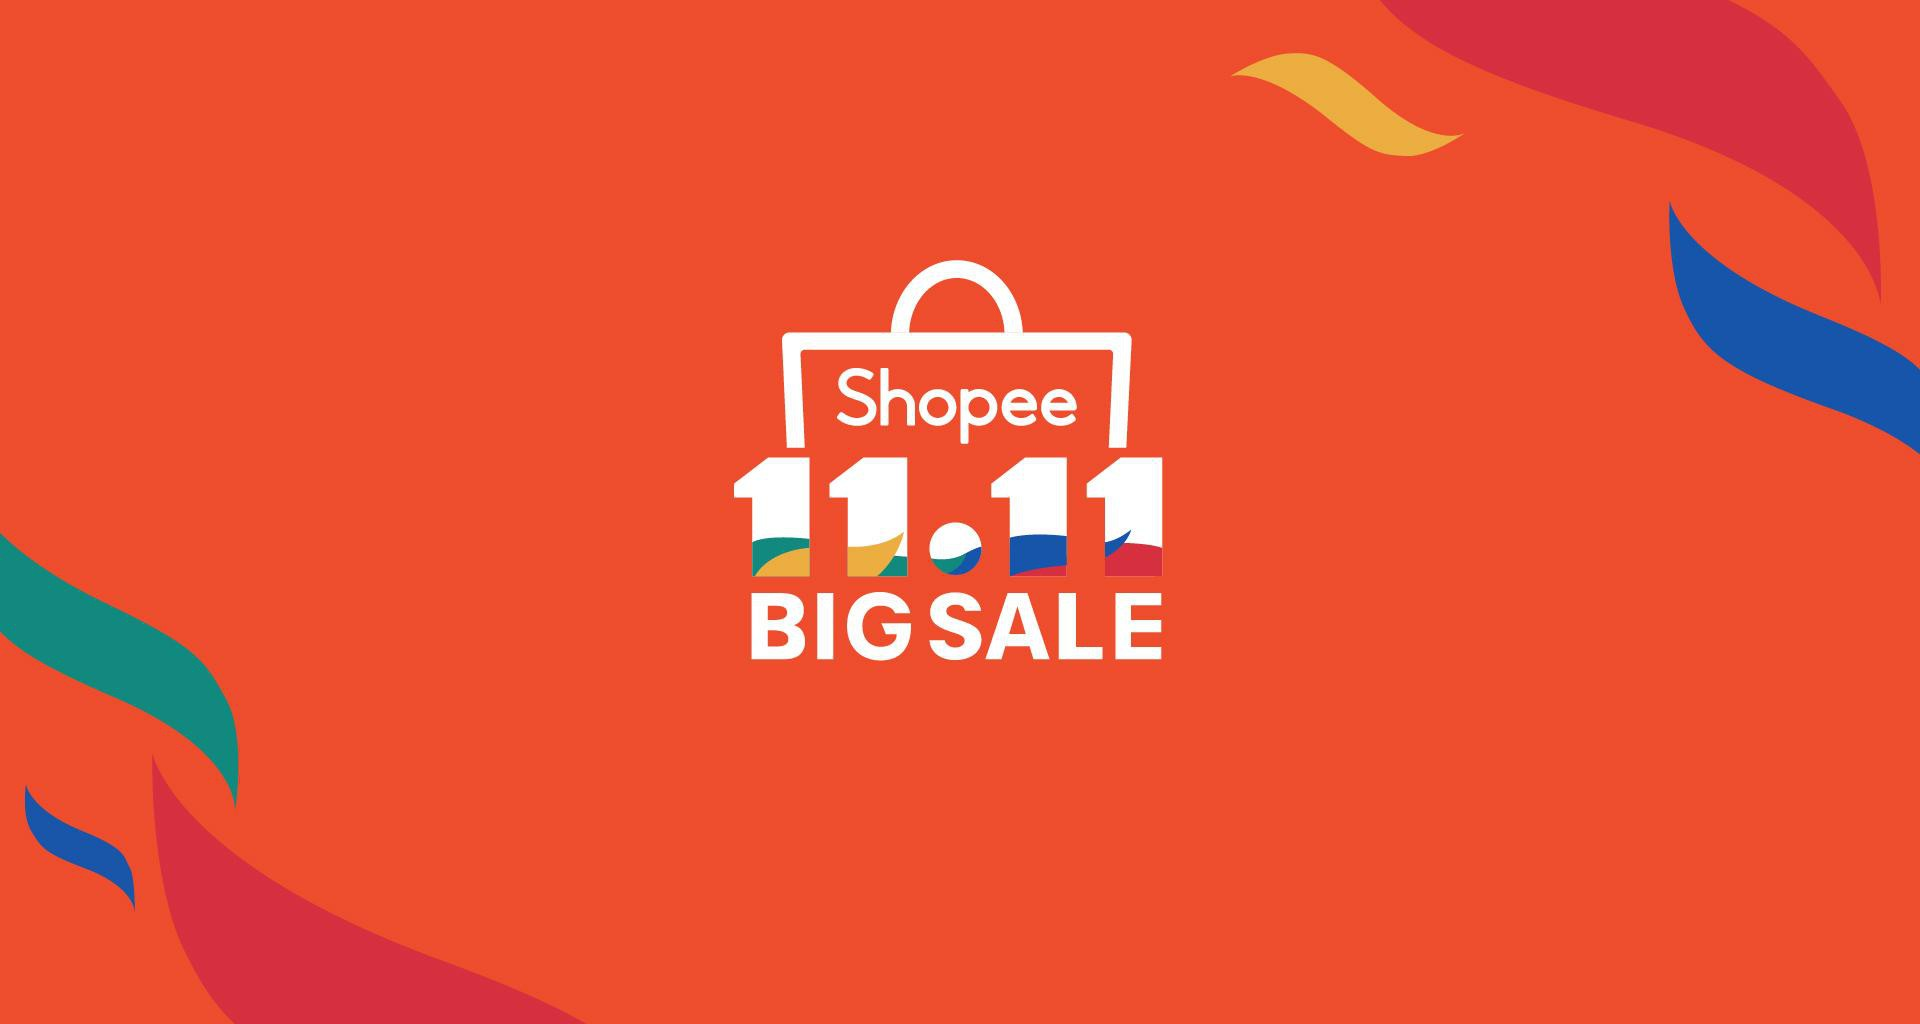 Nóng, Shopee 11.11 Siêu Sale chính thức trở lại - Ảnh 1.